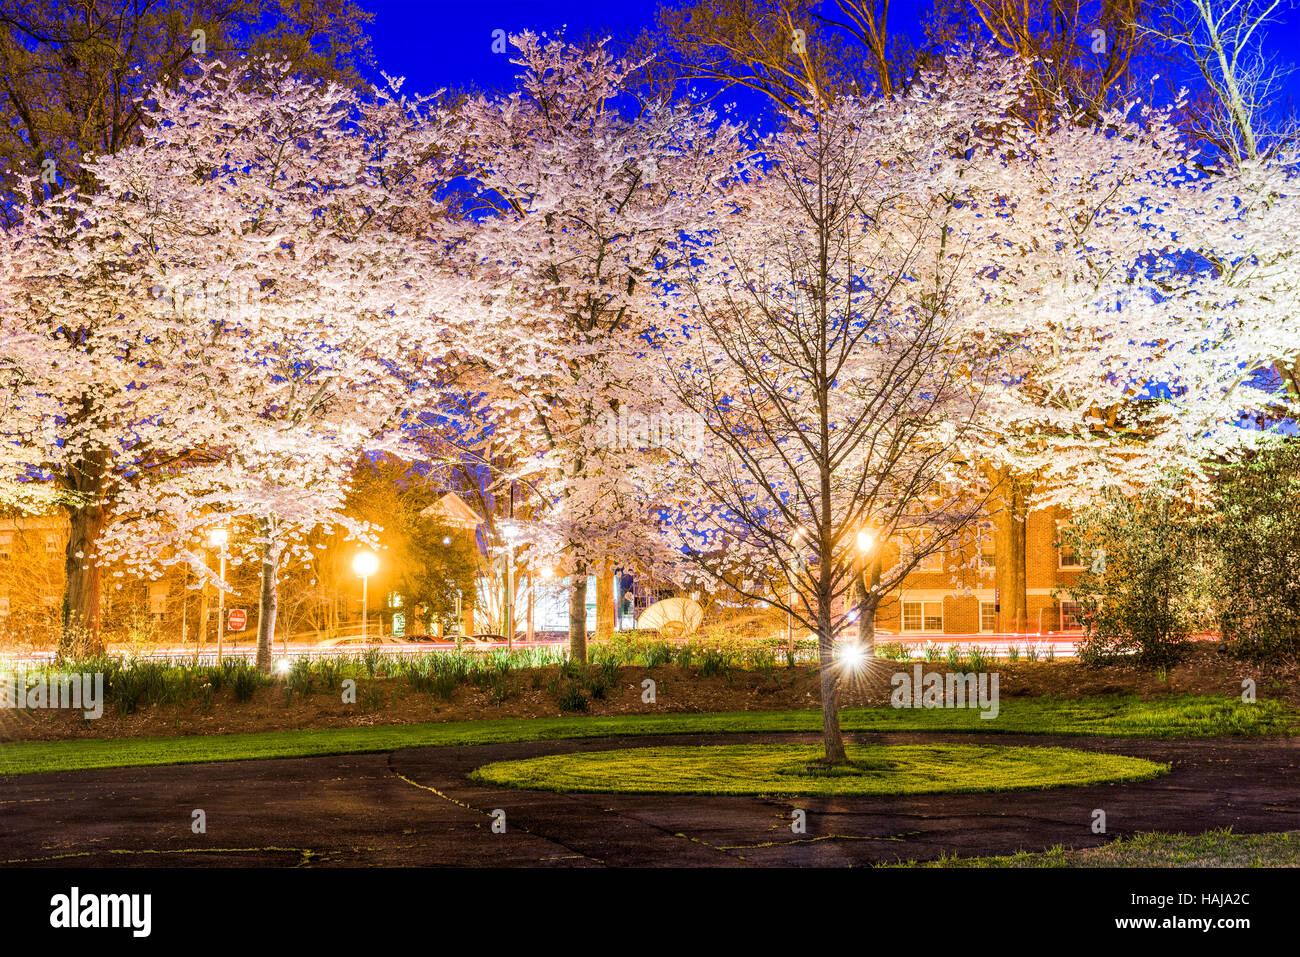 Frühling Kirschblüten Laub in der Nacht in Athens, GA, USA. Stockbild